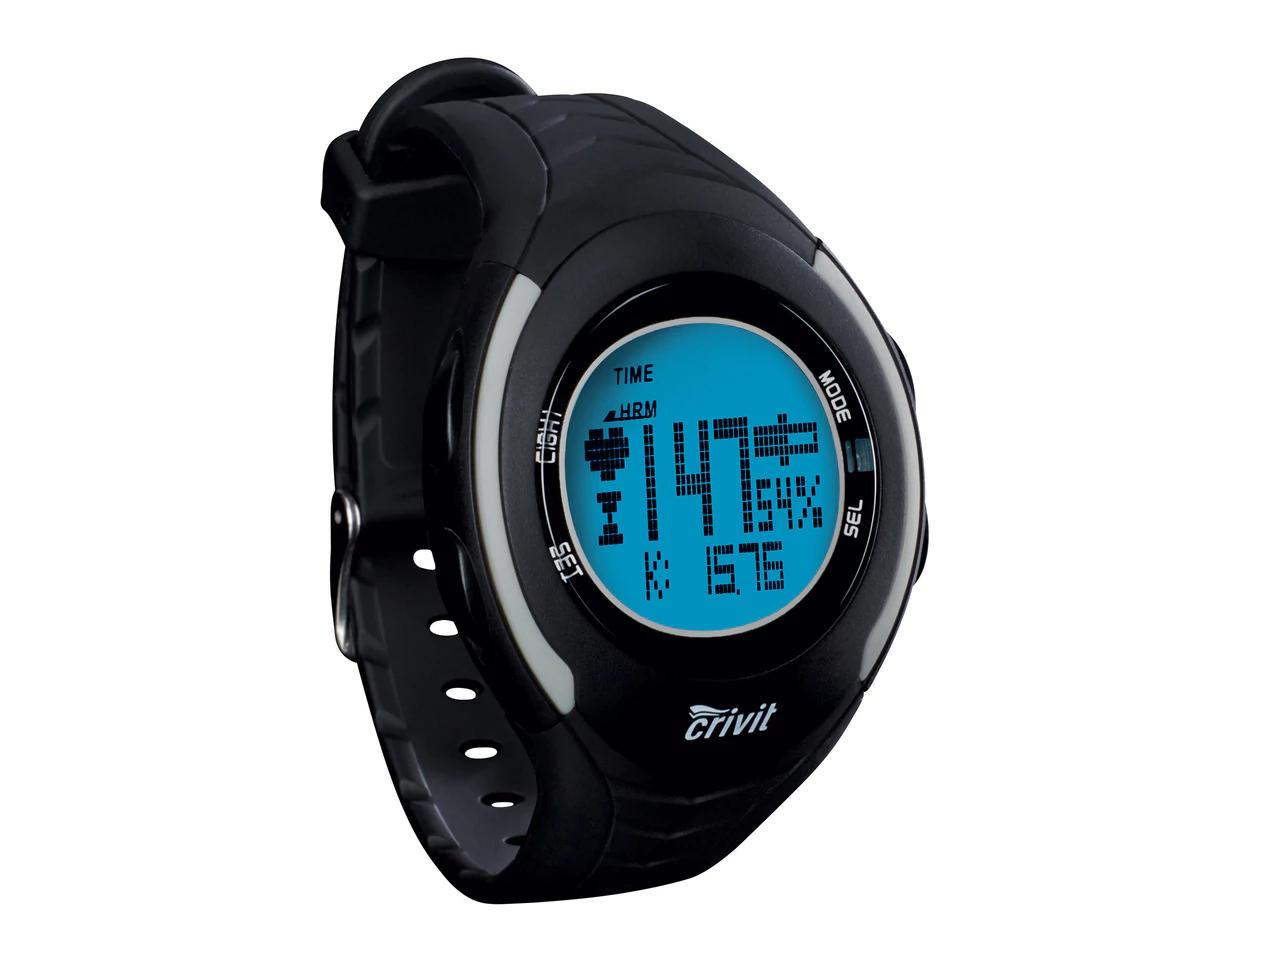 Montre cardiofréquencemètre Crivit (existe en 3 couleurs : noir, bleu, blanc) + sangle pectorale + support vélo